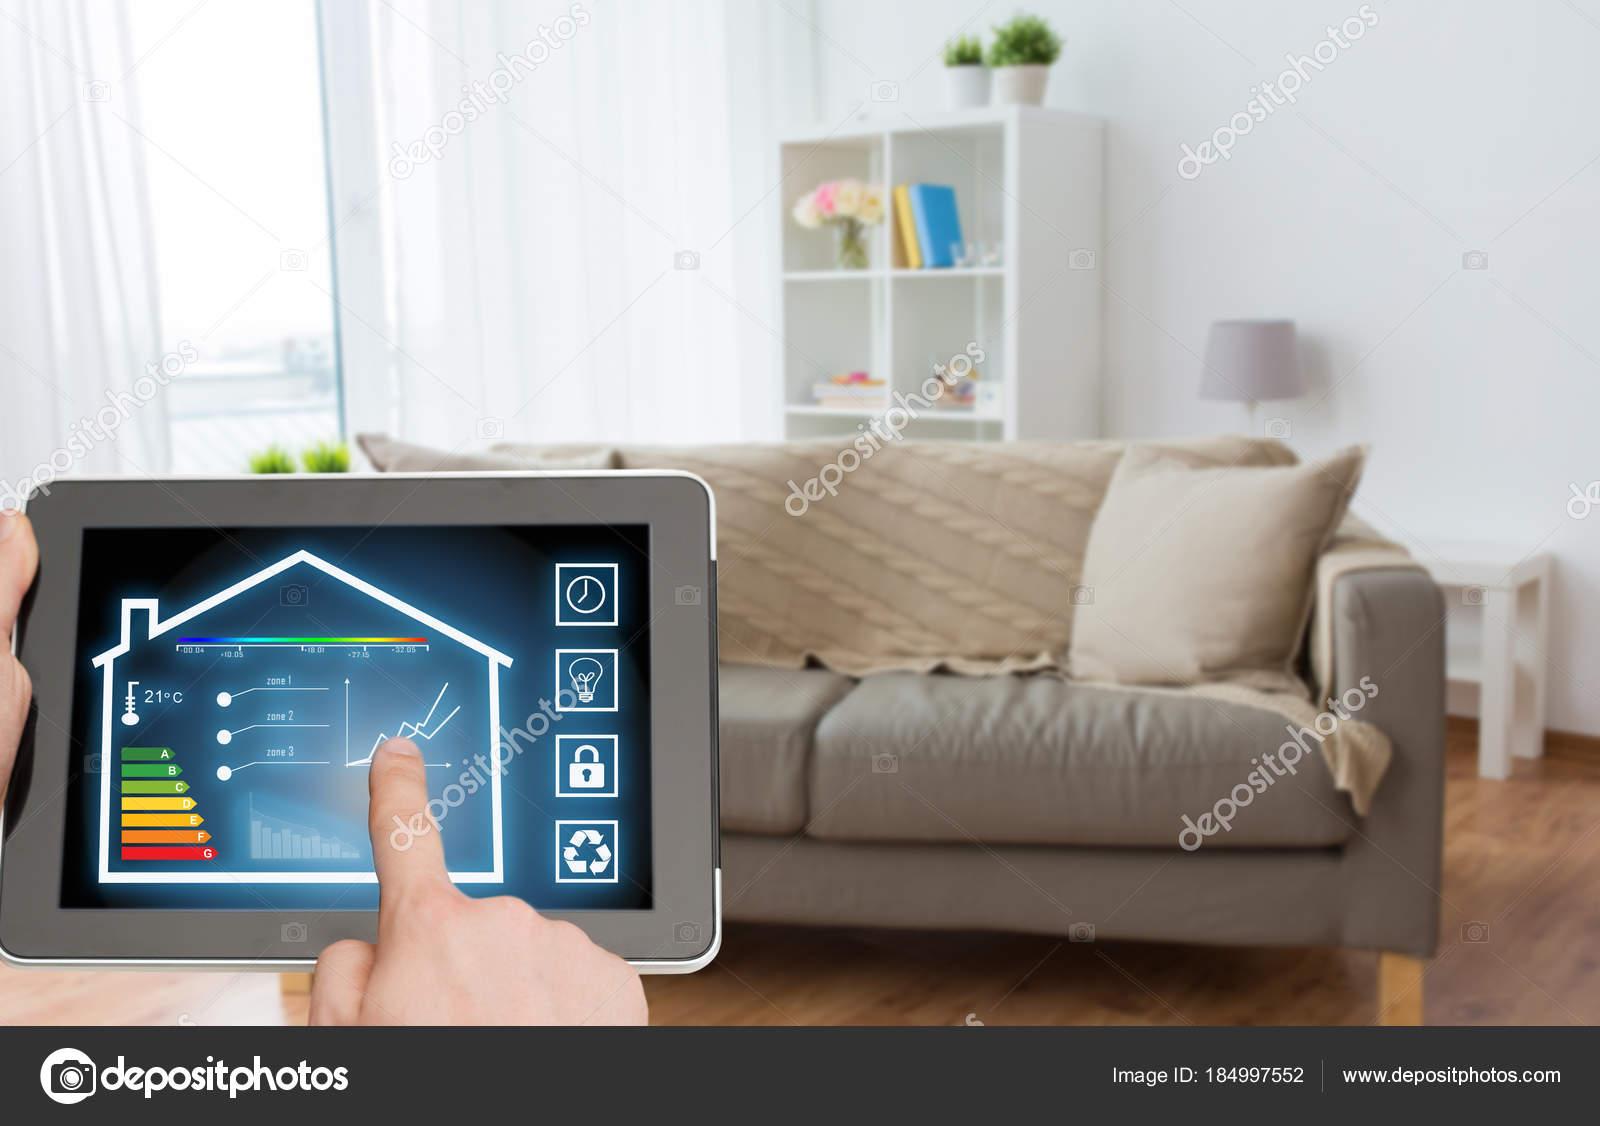 Tablet-pc mit smart home-Einstellungen auf dem Bildschirm ...